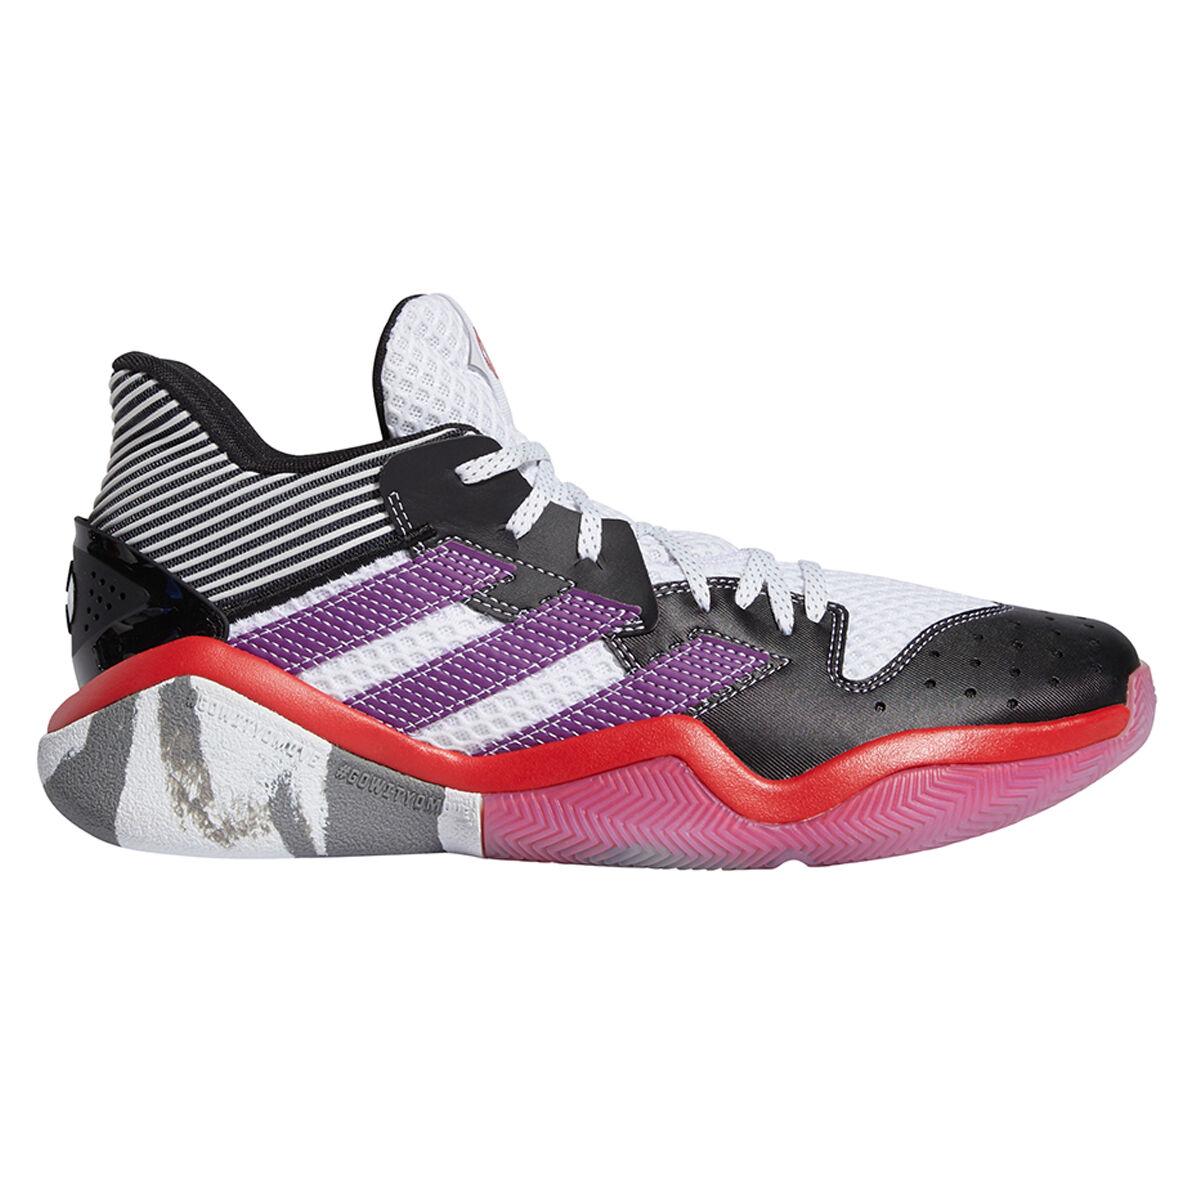 Adidas Rebel